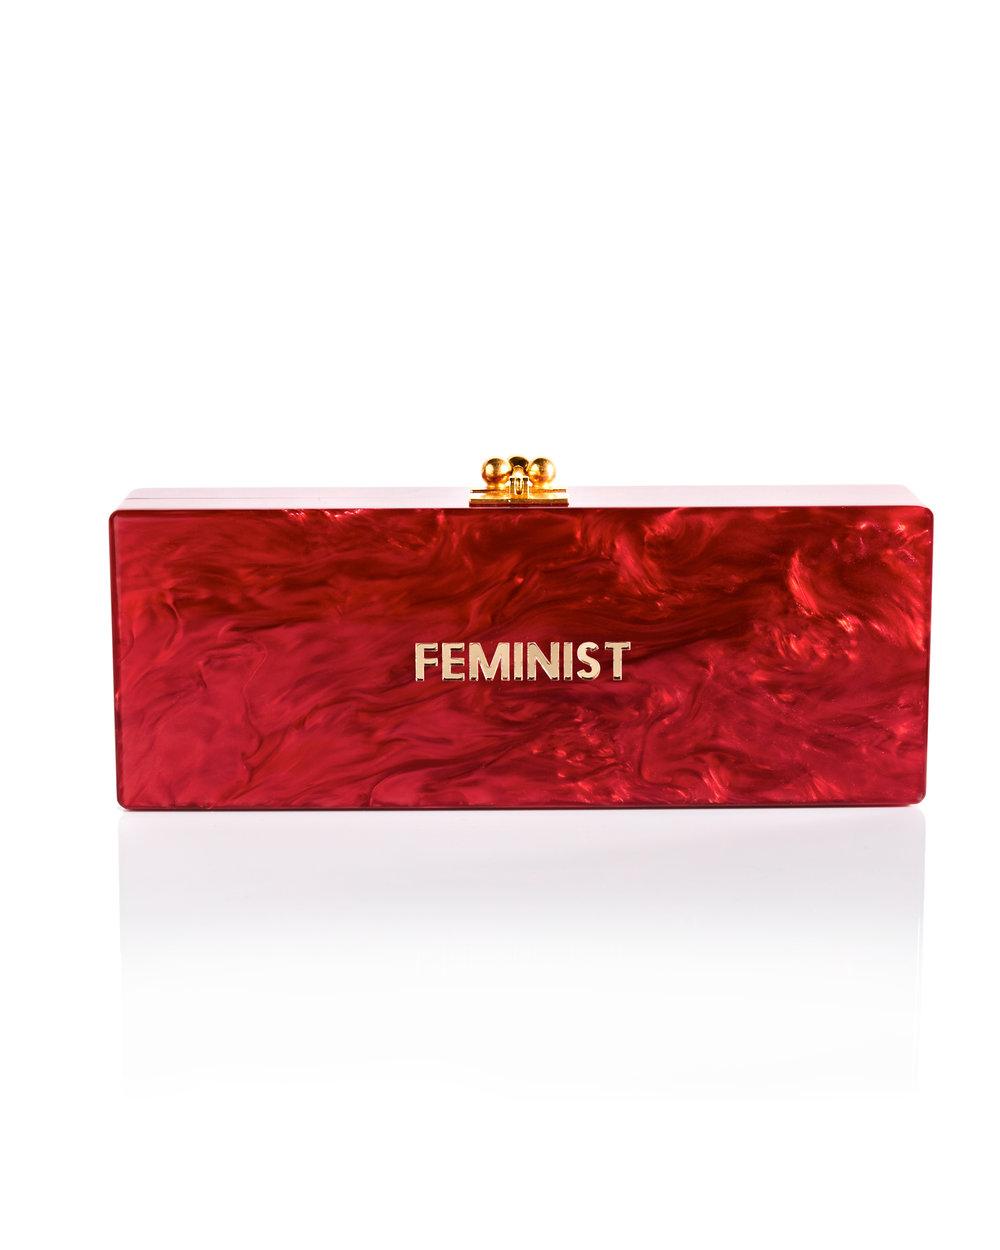 Edie Parker – Feminist Clutch Red